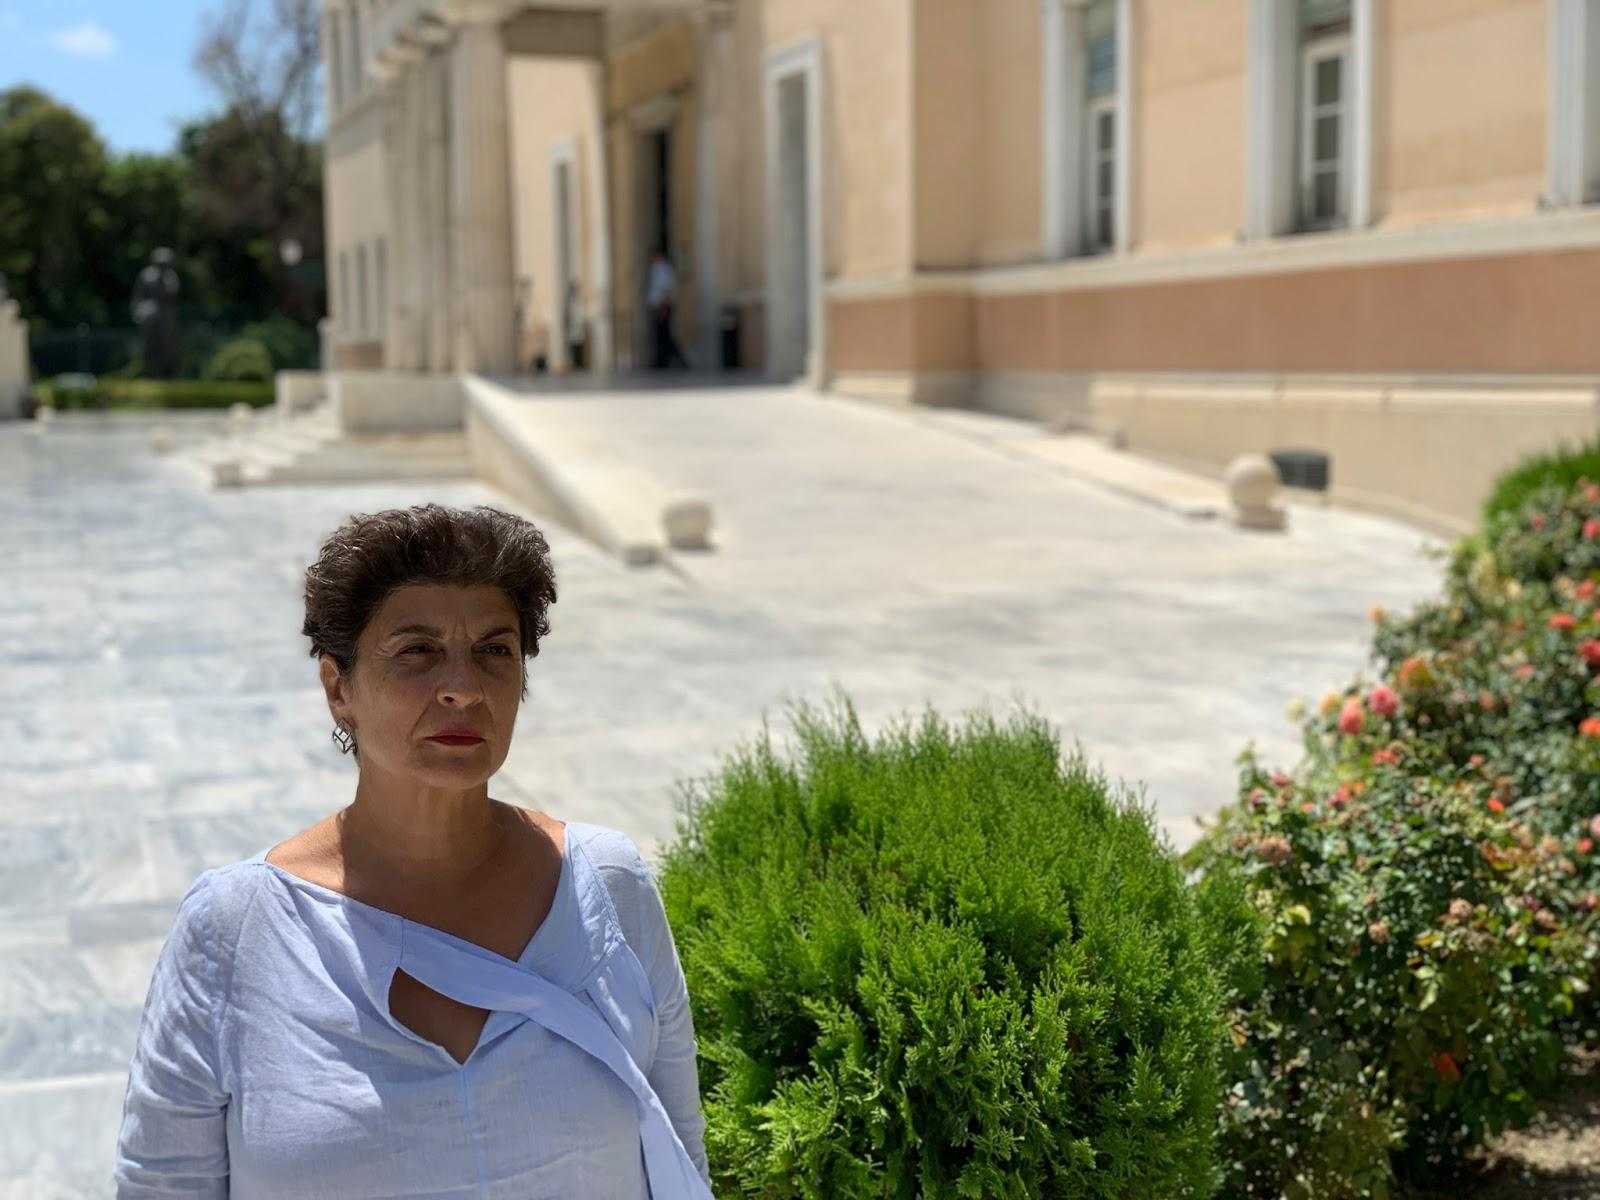 Κ. Μάλαμα : Να υλοποιηθεί άμεσα η δέσμευση του Υπουργείου Πολιτισμού για προστασία και ανάδειξη του αρχαιολογικού χώρου στο Στανό Χαλκιδικής.